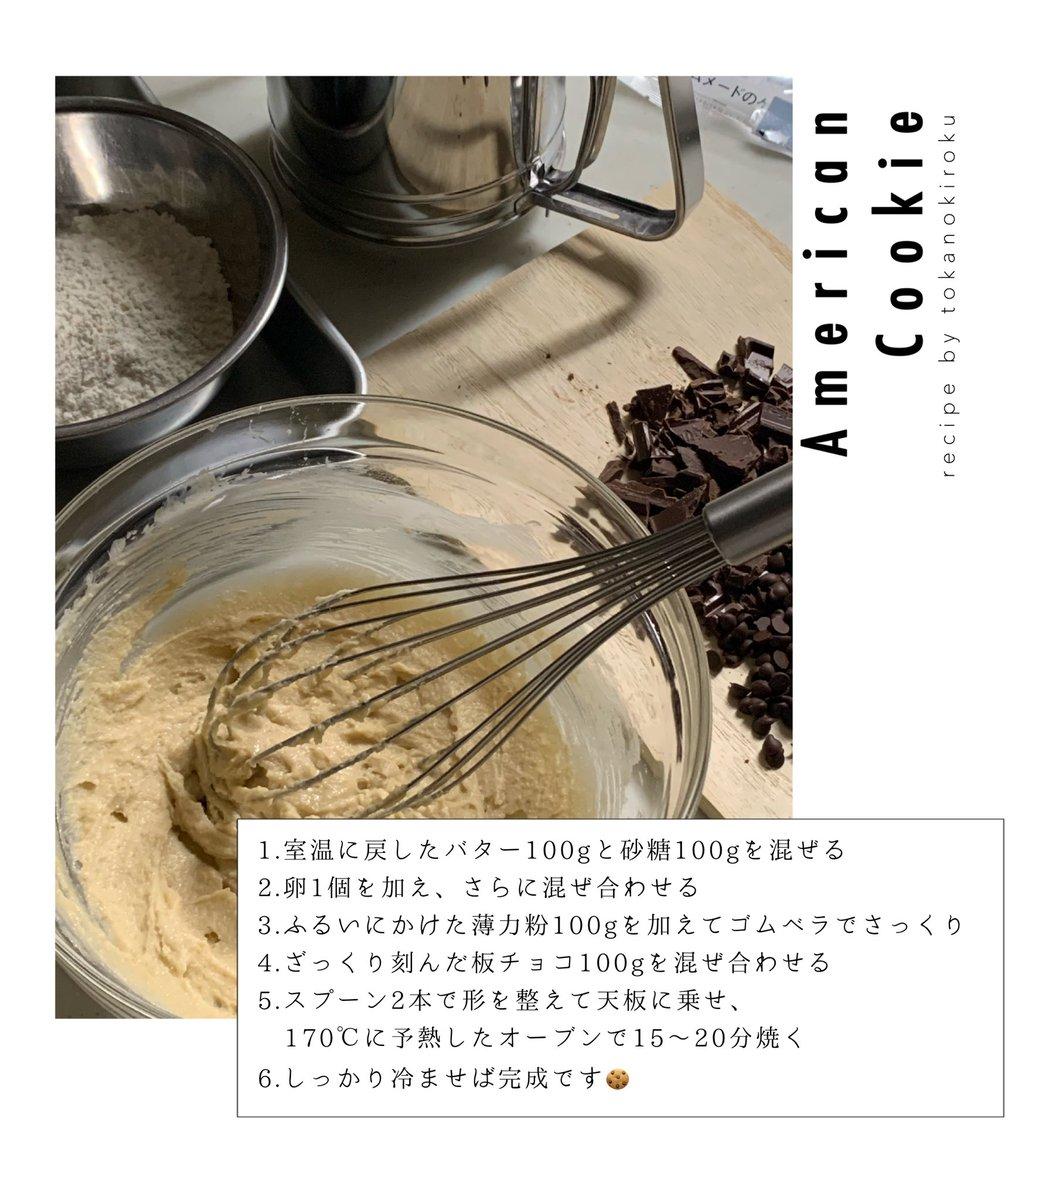 簡単・覚えやすい・美味しいクッキーのレシピ!材料があればすぐできるチョコクッキー!